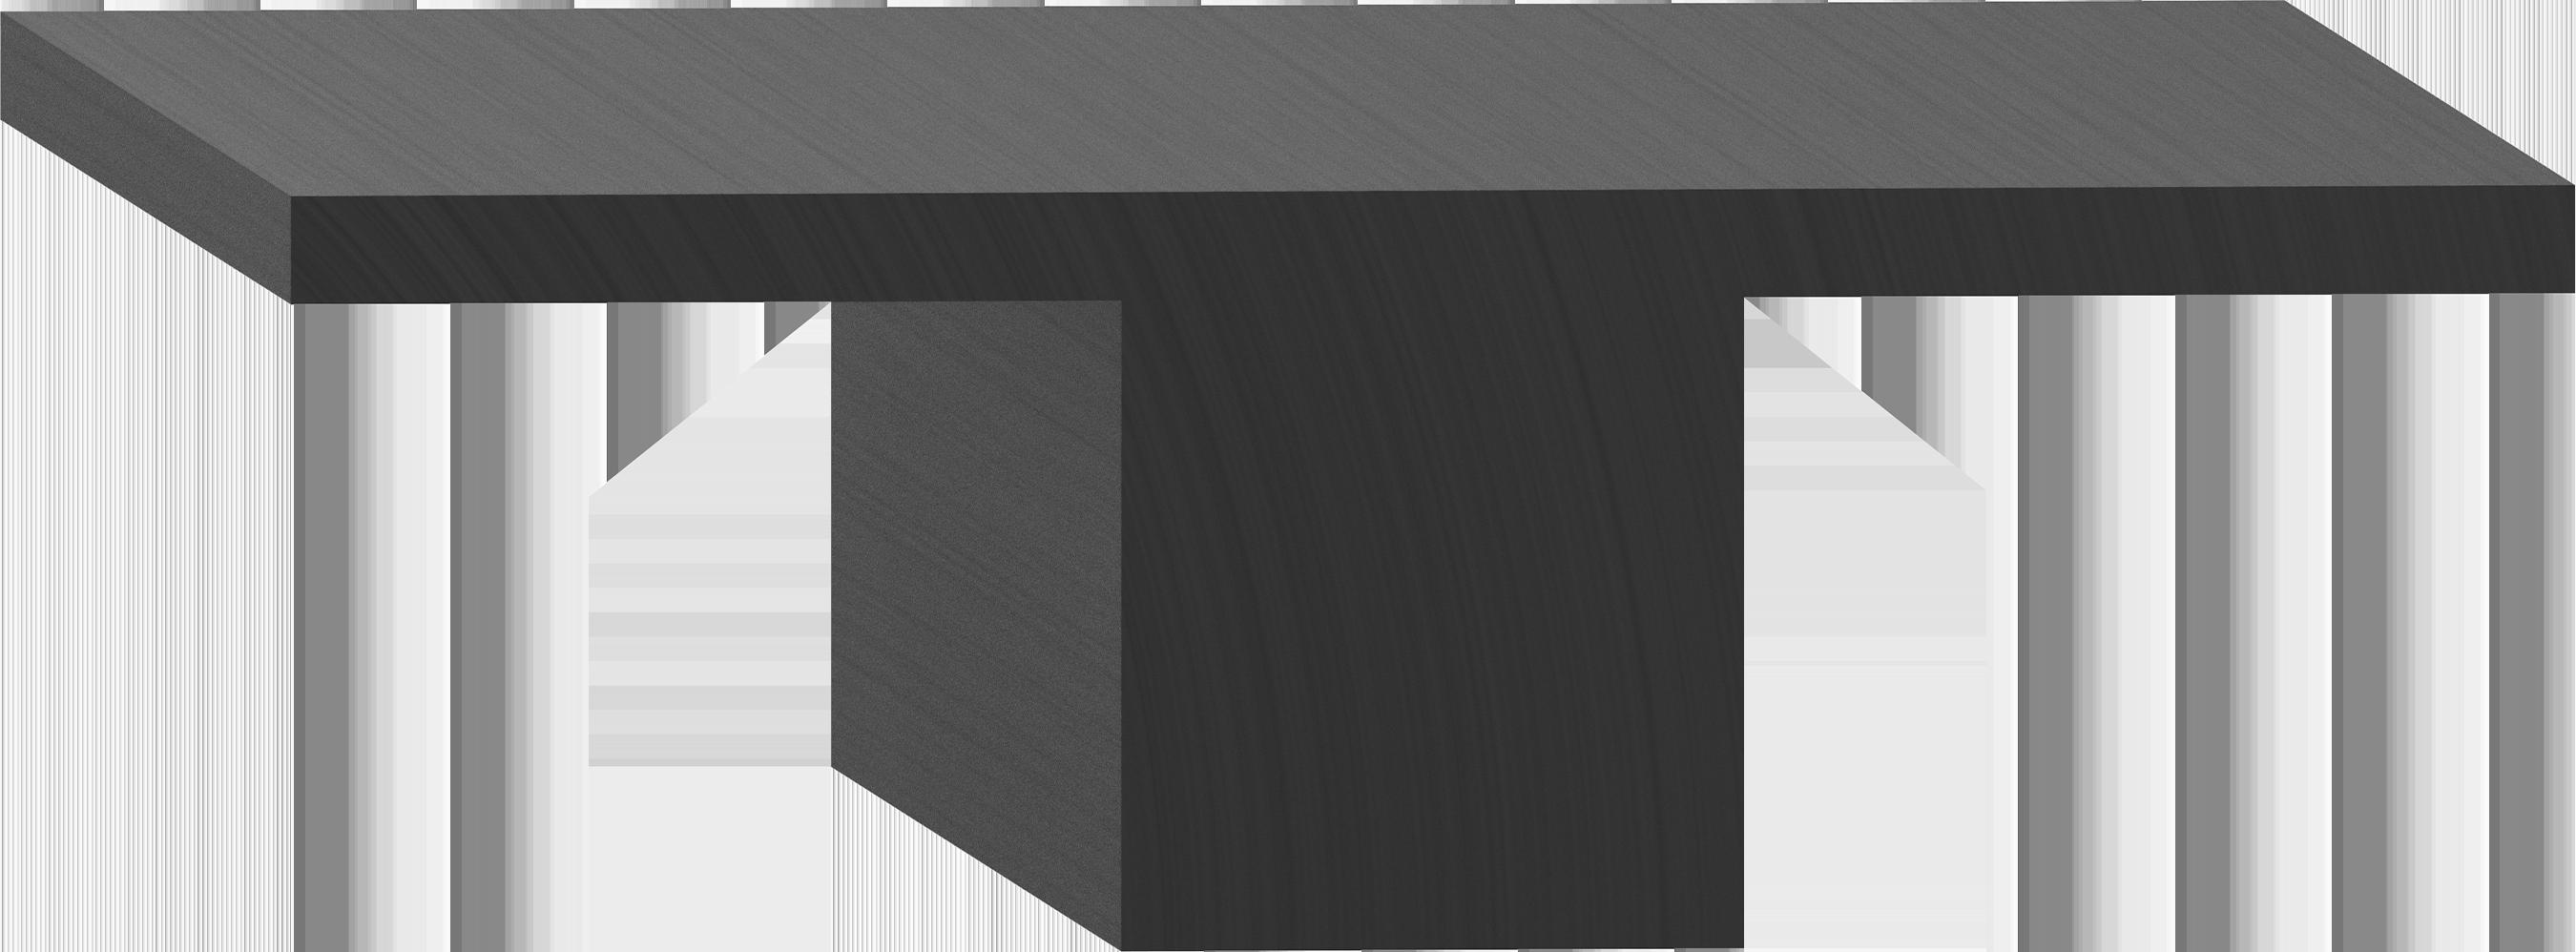 Uni-Grip part: RE-025